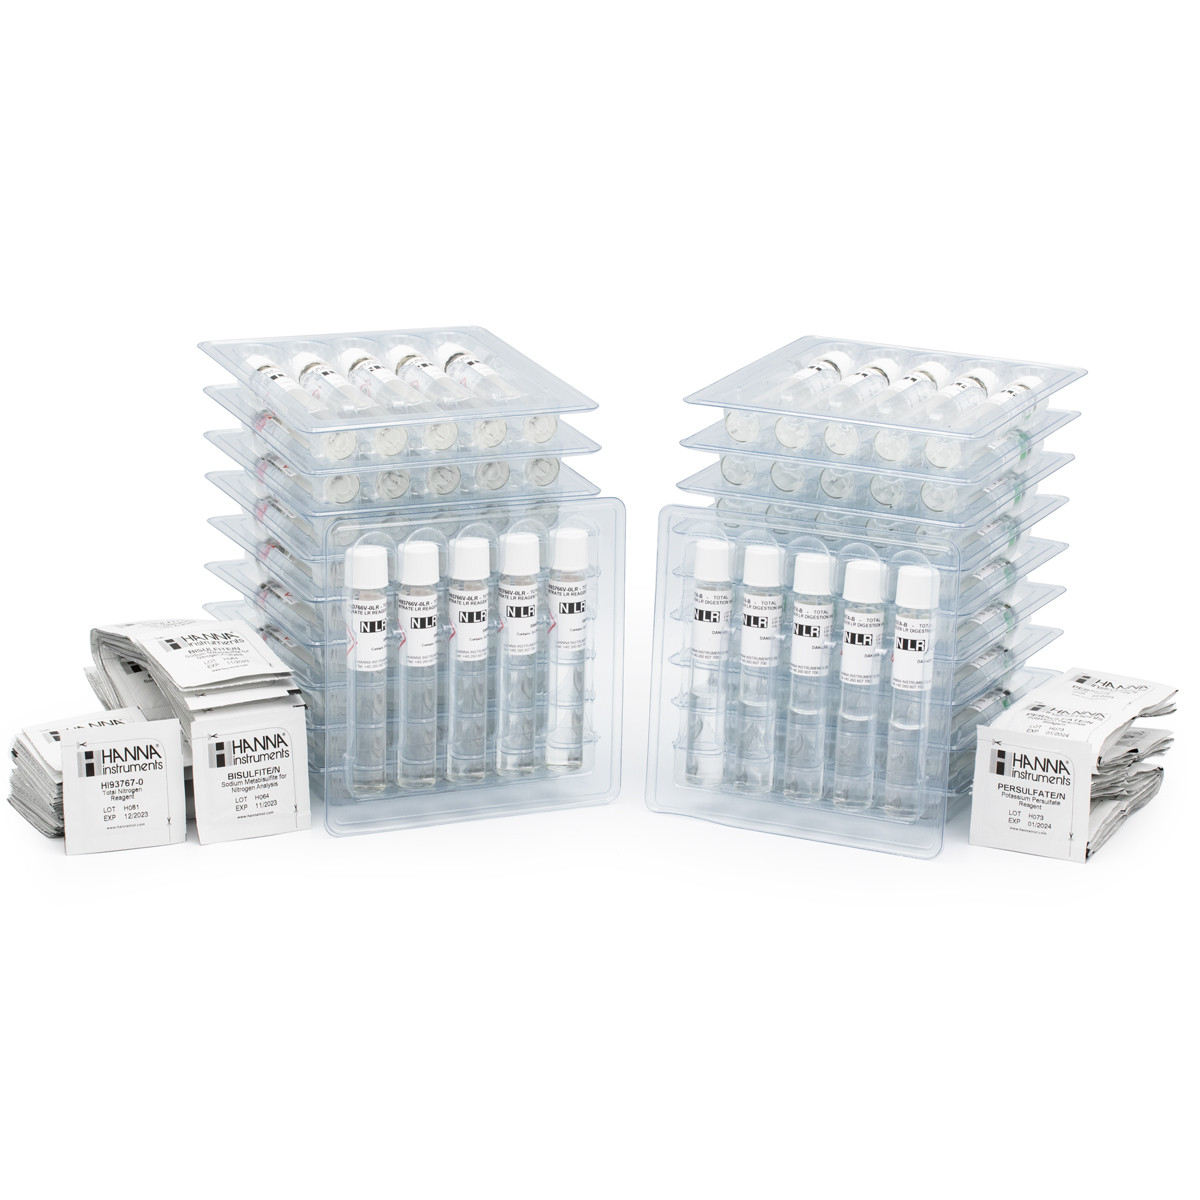 Total Nitrogen Low Range Reagents (50 tests)